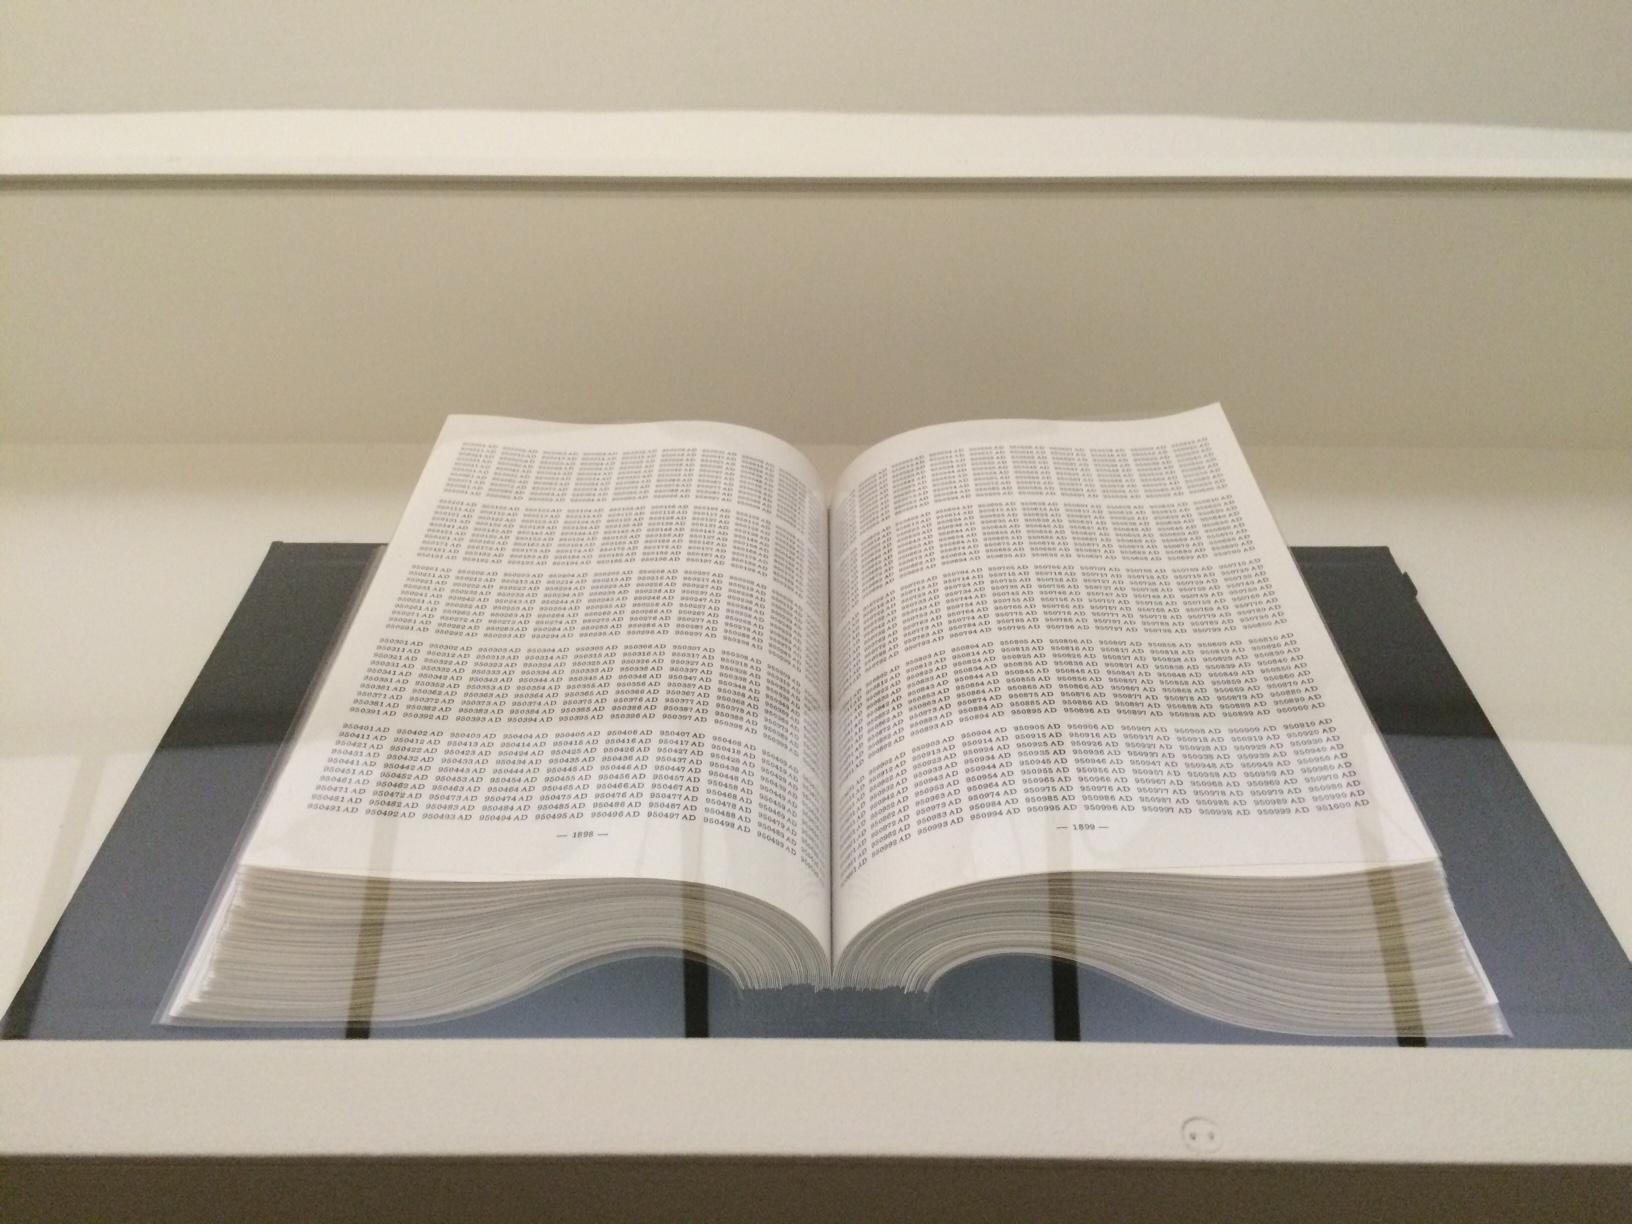 One Million Years binder